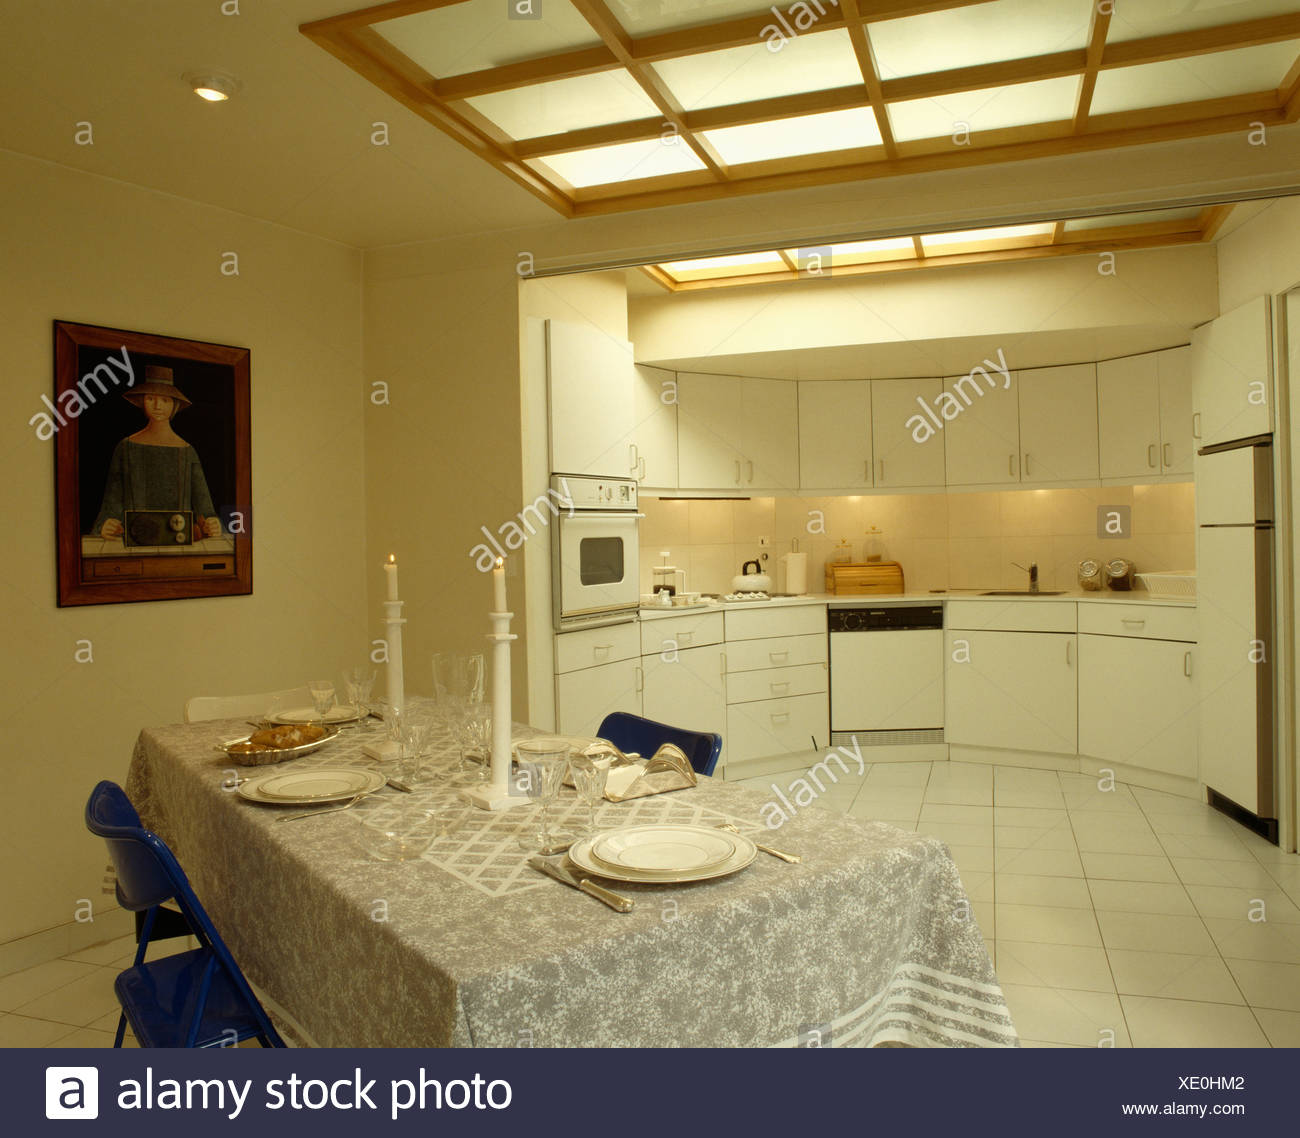 Moderner weiße Küche mit Glas verkleidet Beleuchtung in Decke und ...